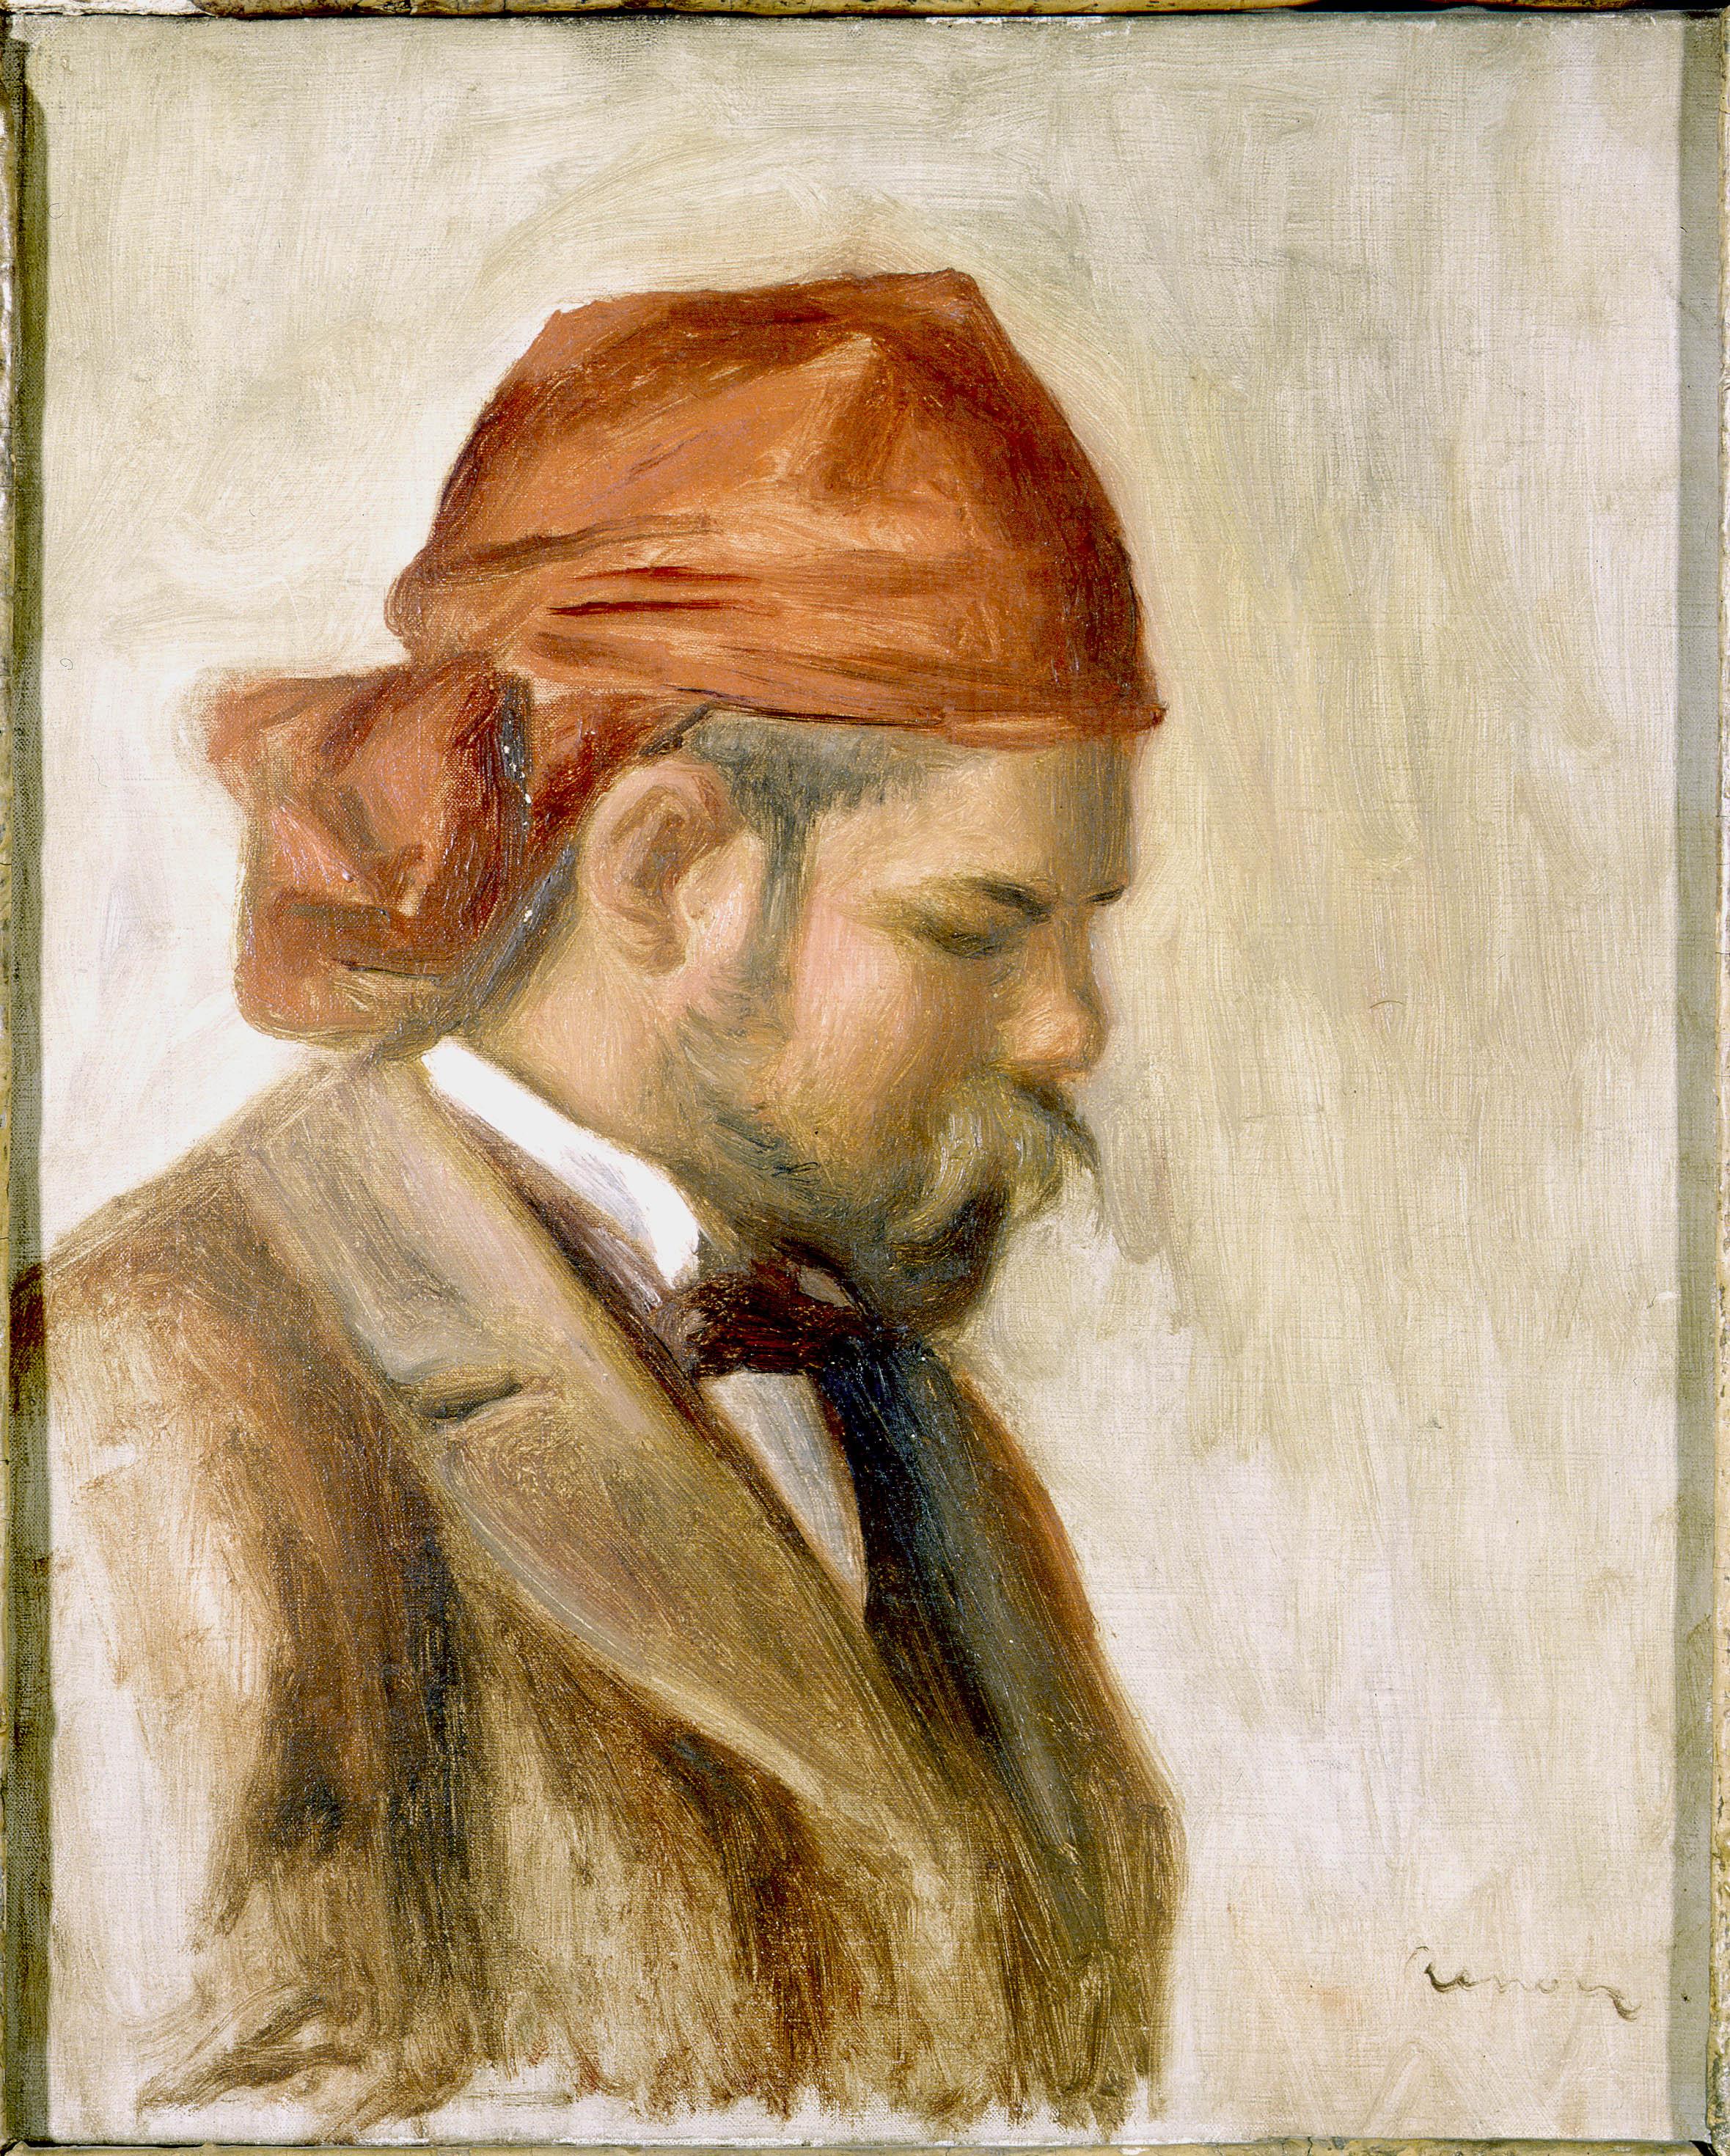 Pierre-Auguste Renoir - Ambroise Vollard au foulard rouge